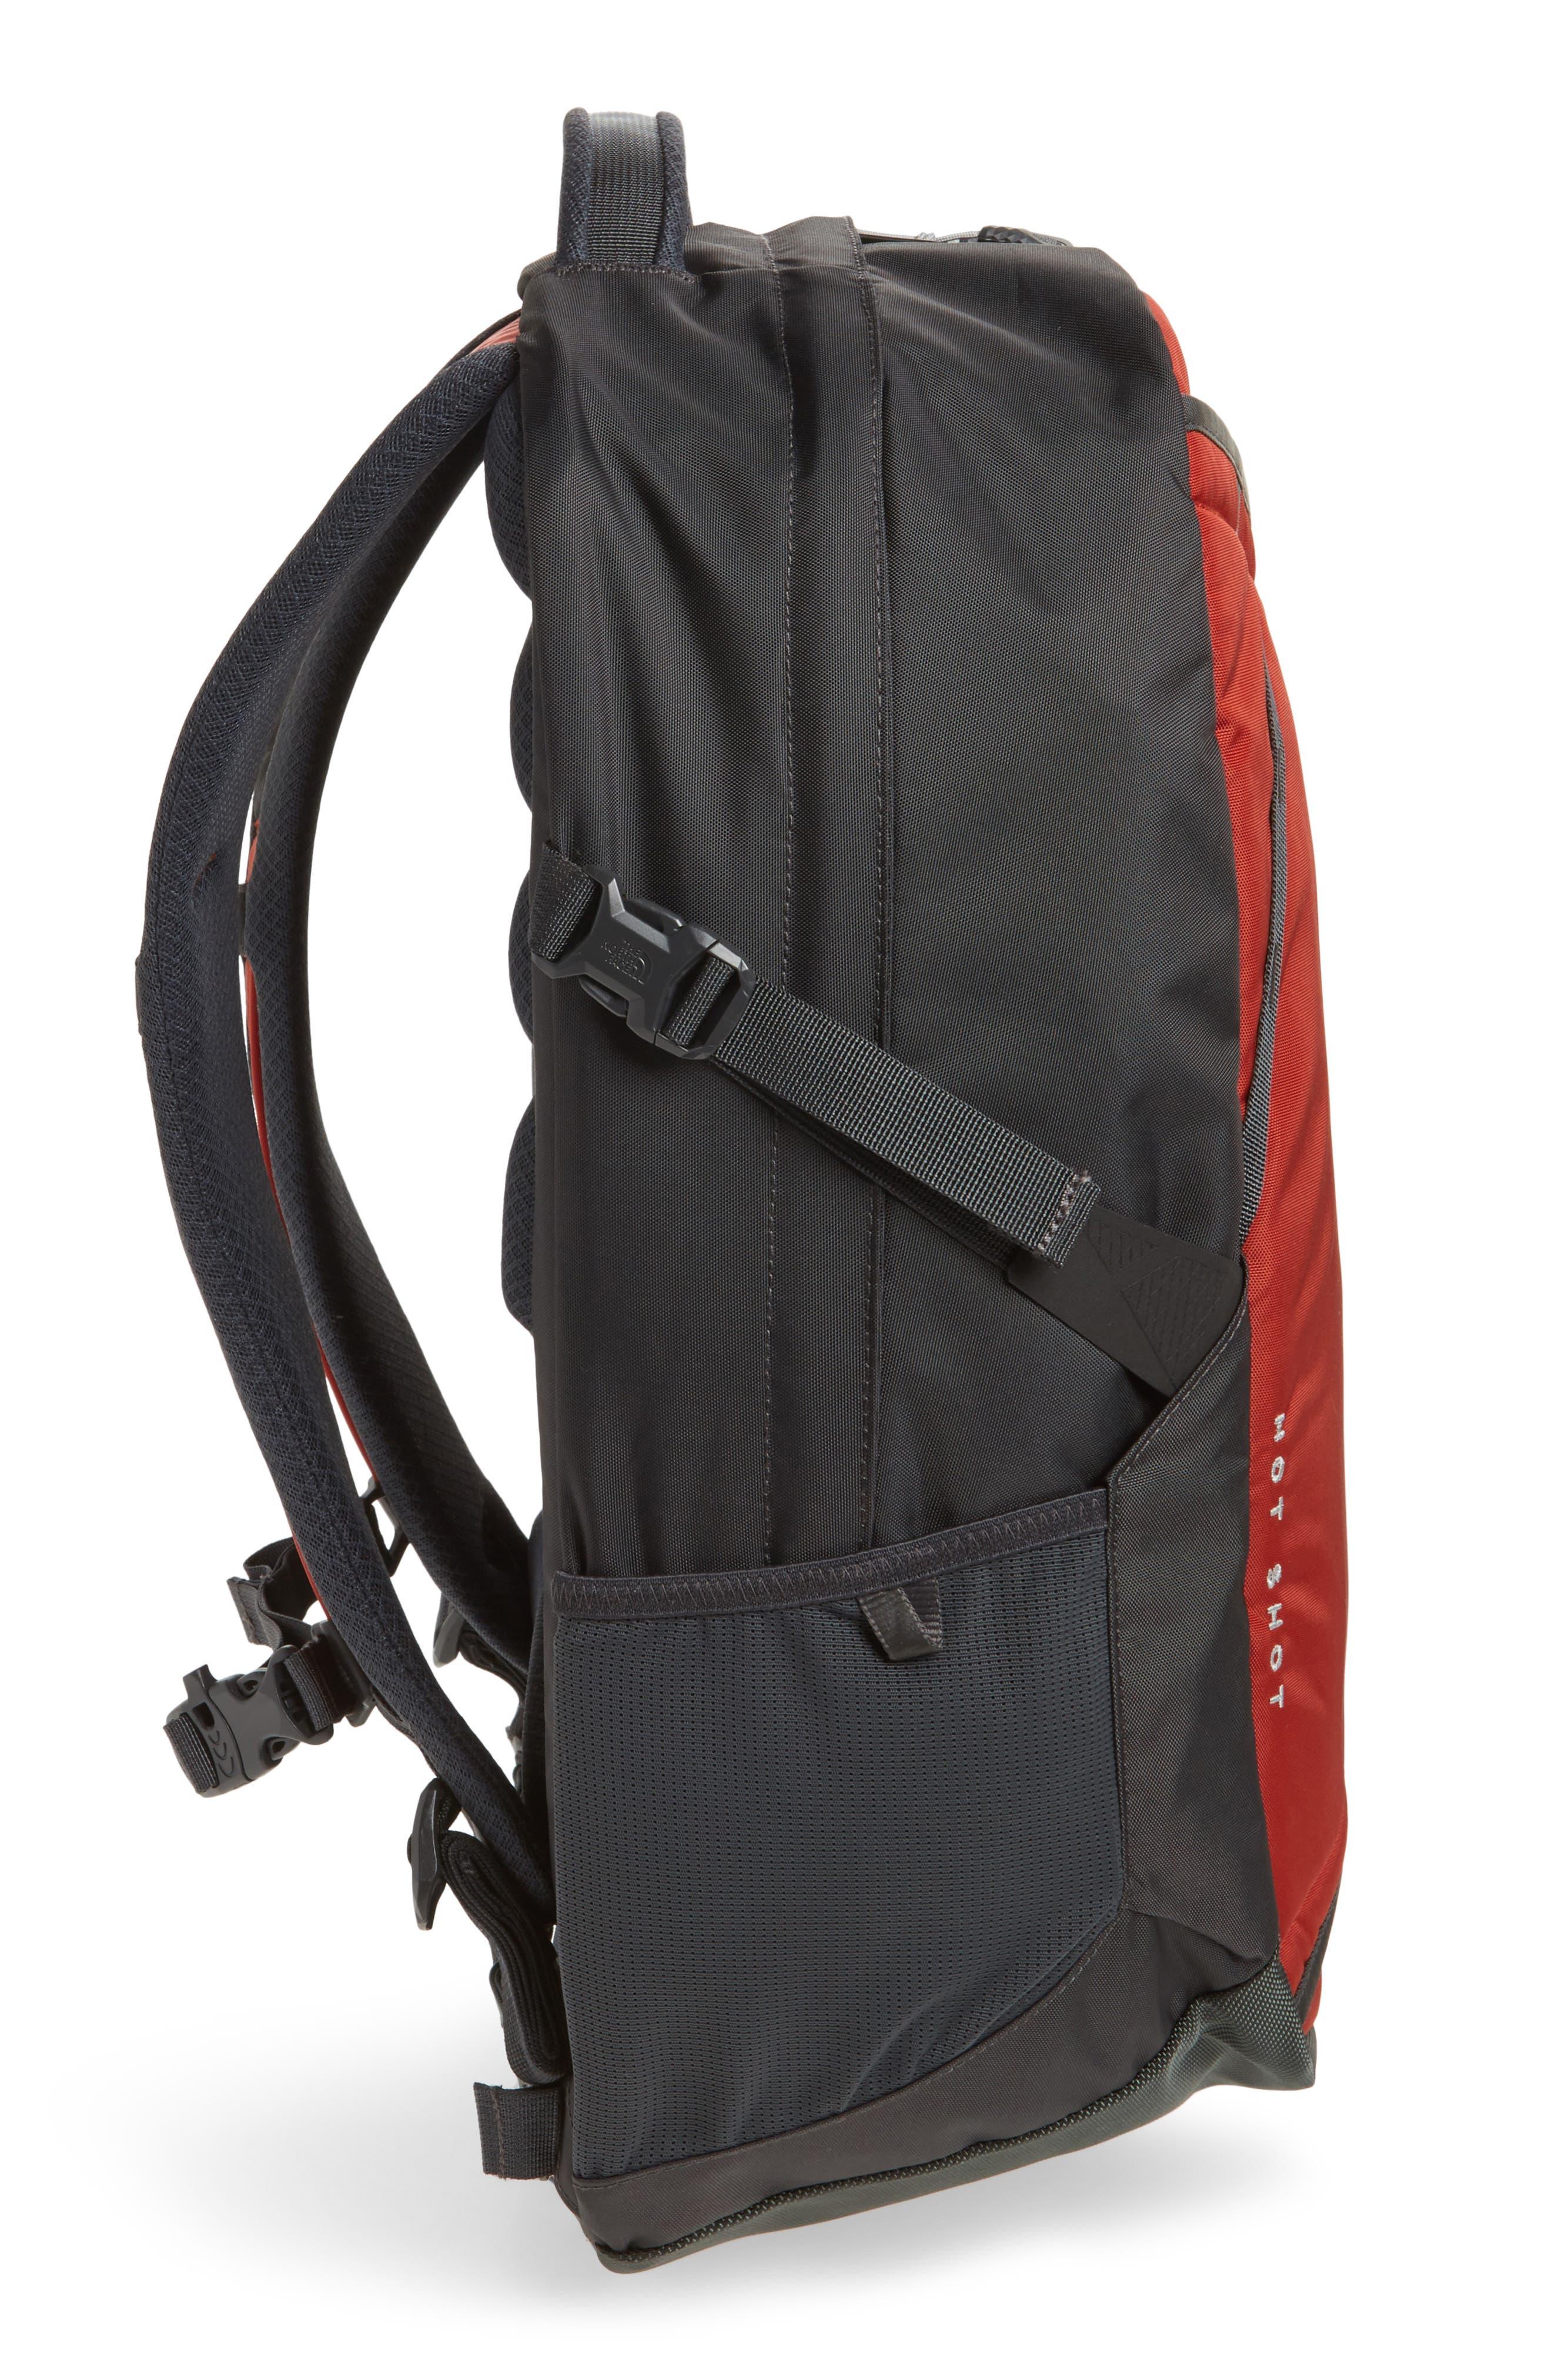 Hot Shot Backpack,                             Alternate thumbnail 5, color,                             Ketchup Red/ Asphalt Grey